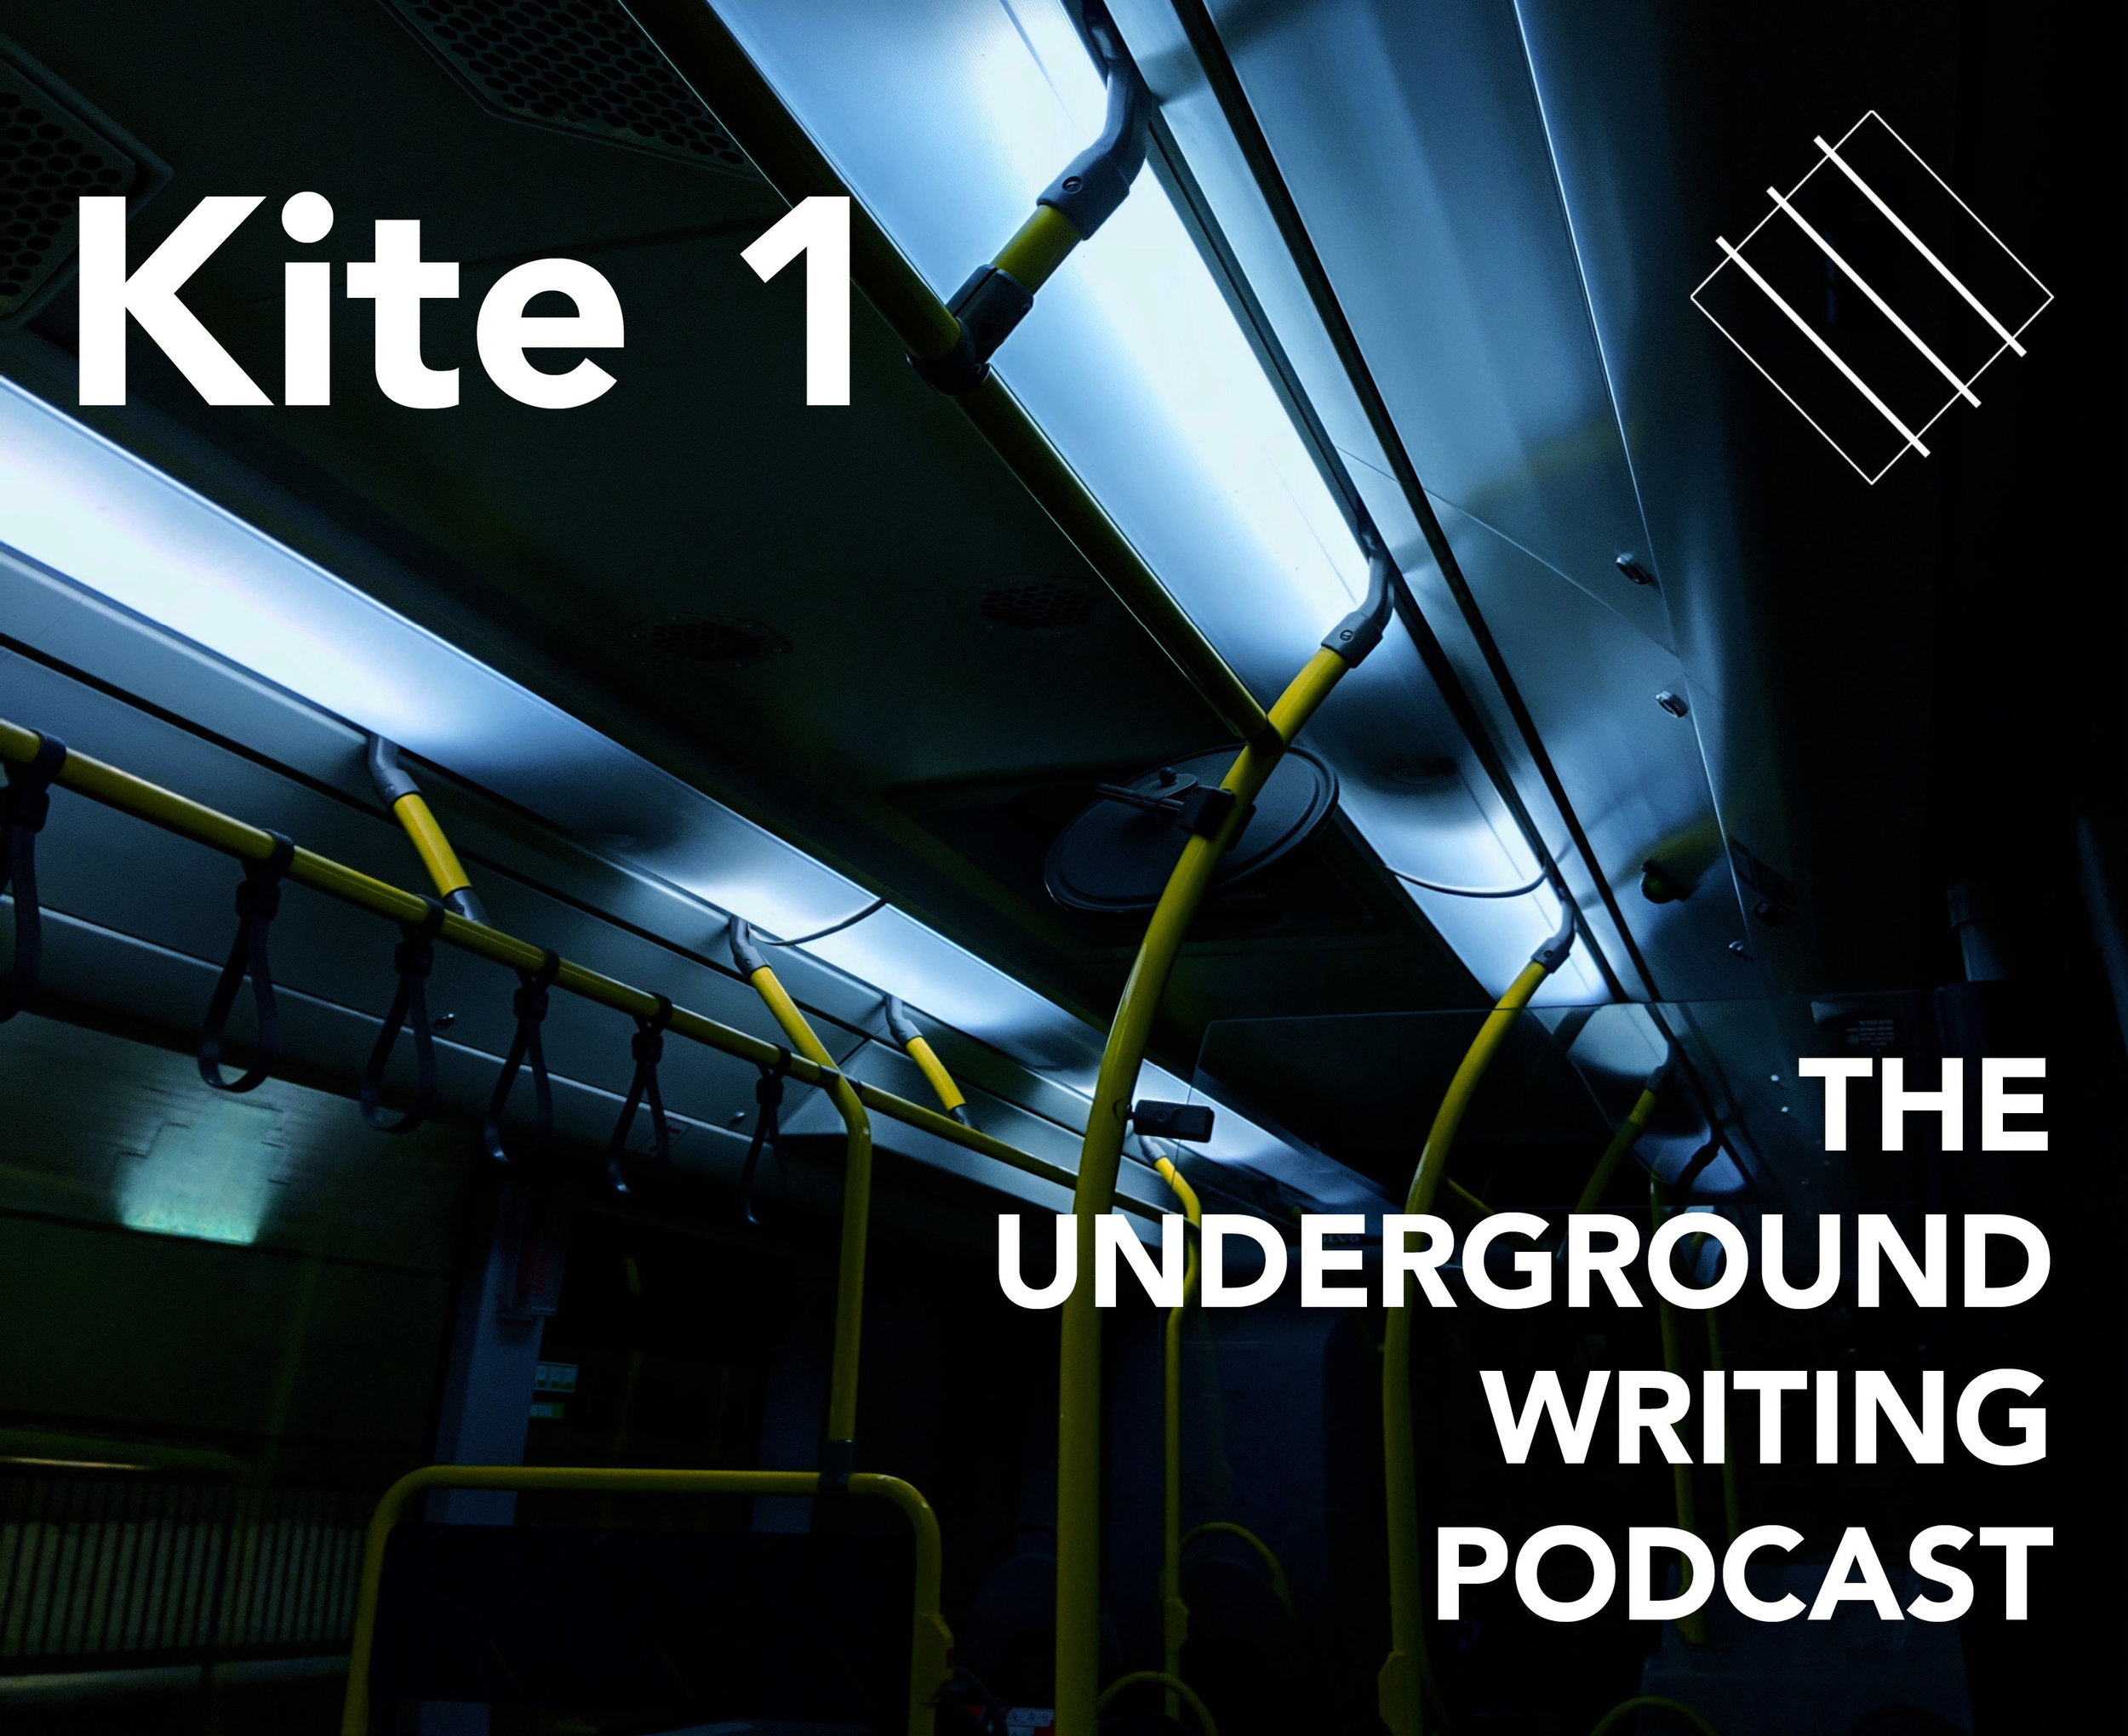 Kite-5.3.19-a.jpg